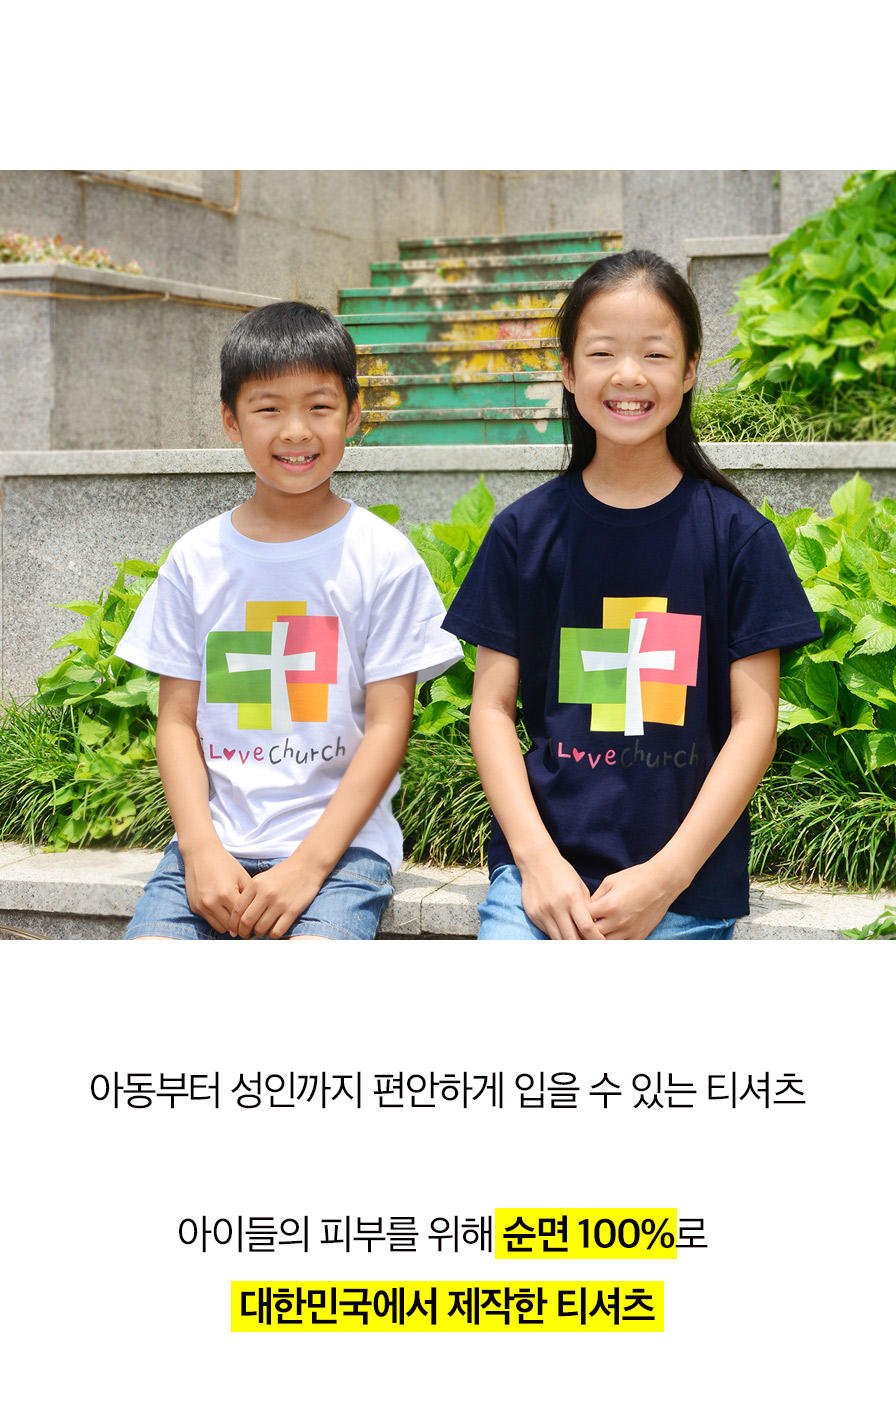 아동부터 성인까지 편하게 입을 수 있는 티셔츠